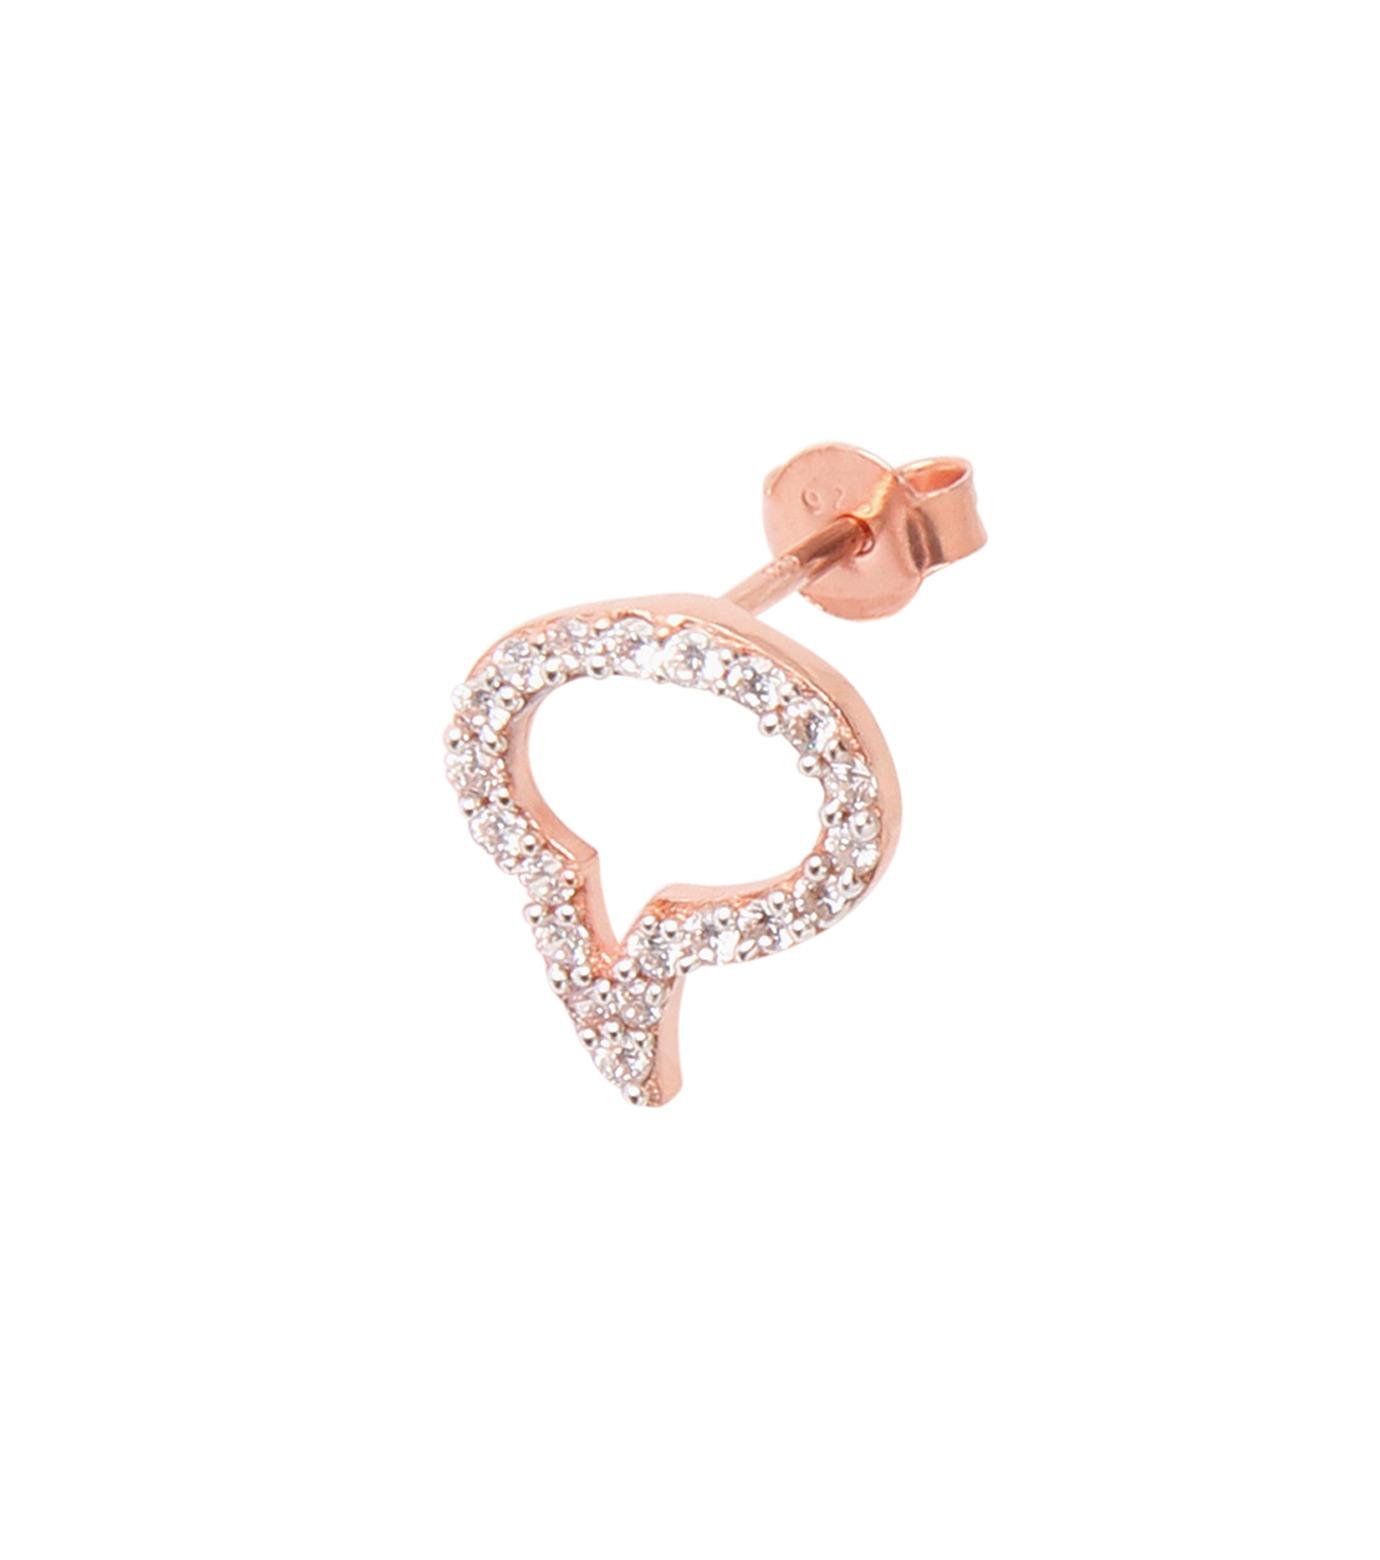 Priyanka(プリヤンカ)のSpeech Bubble Earrings-ROSE-E-18-75 拡大詳細画像2